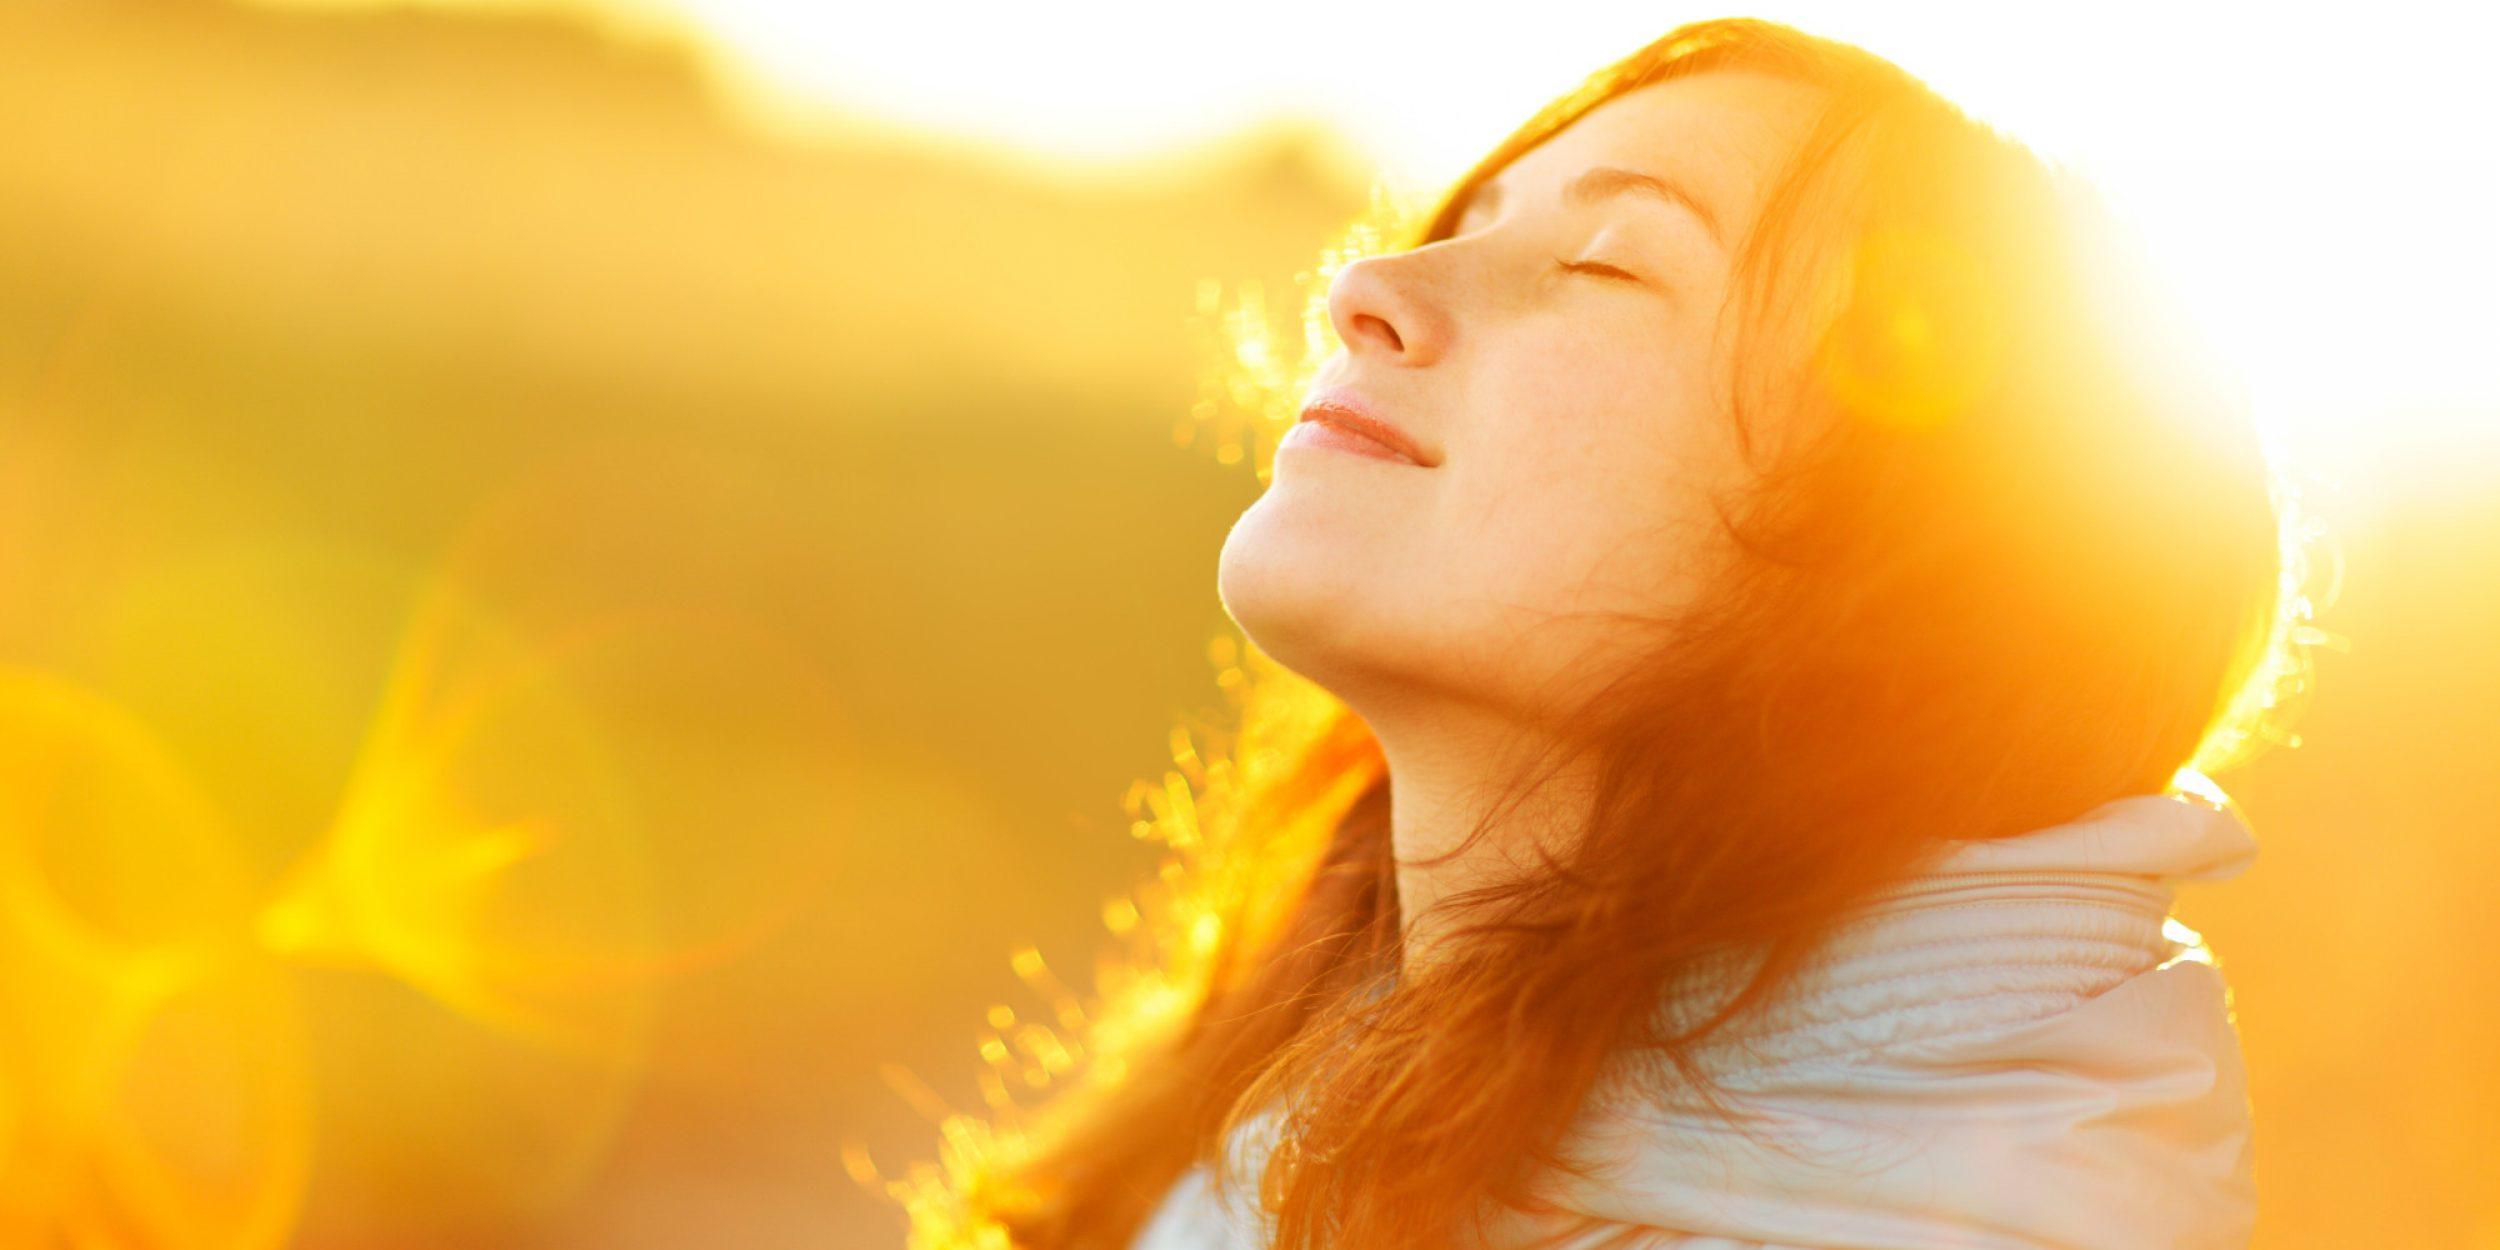 Vocêestimulaa espiritualidade?